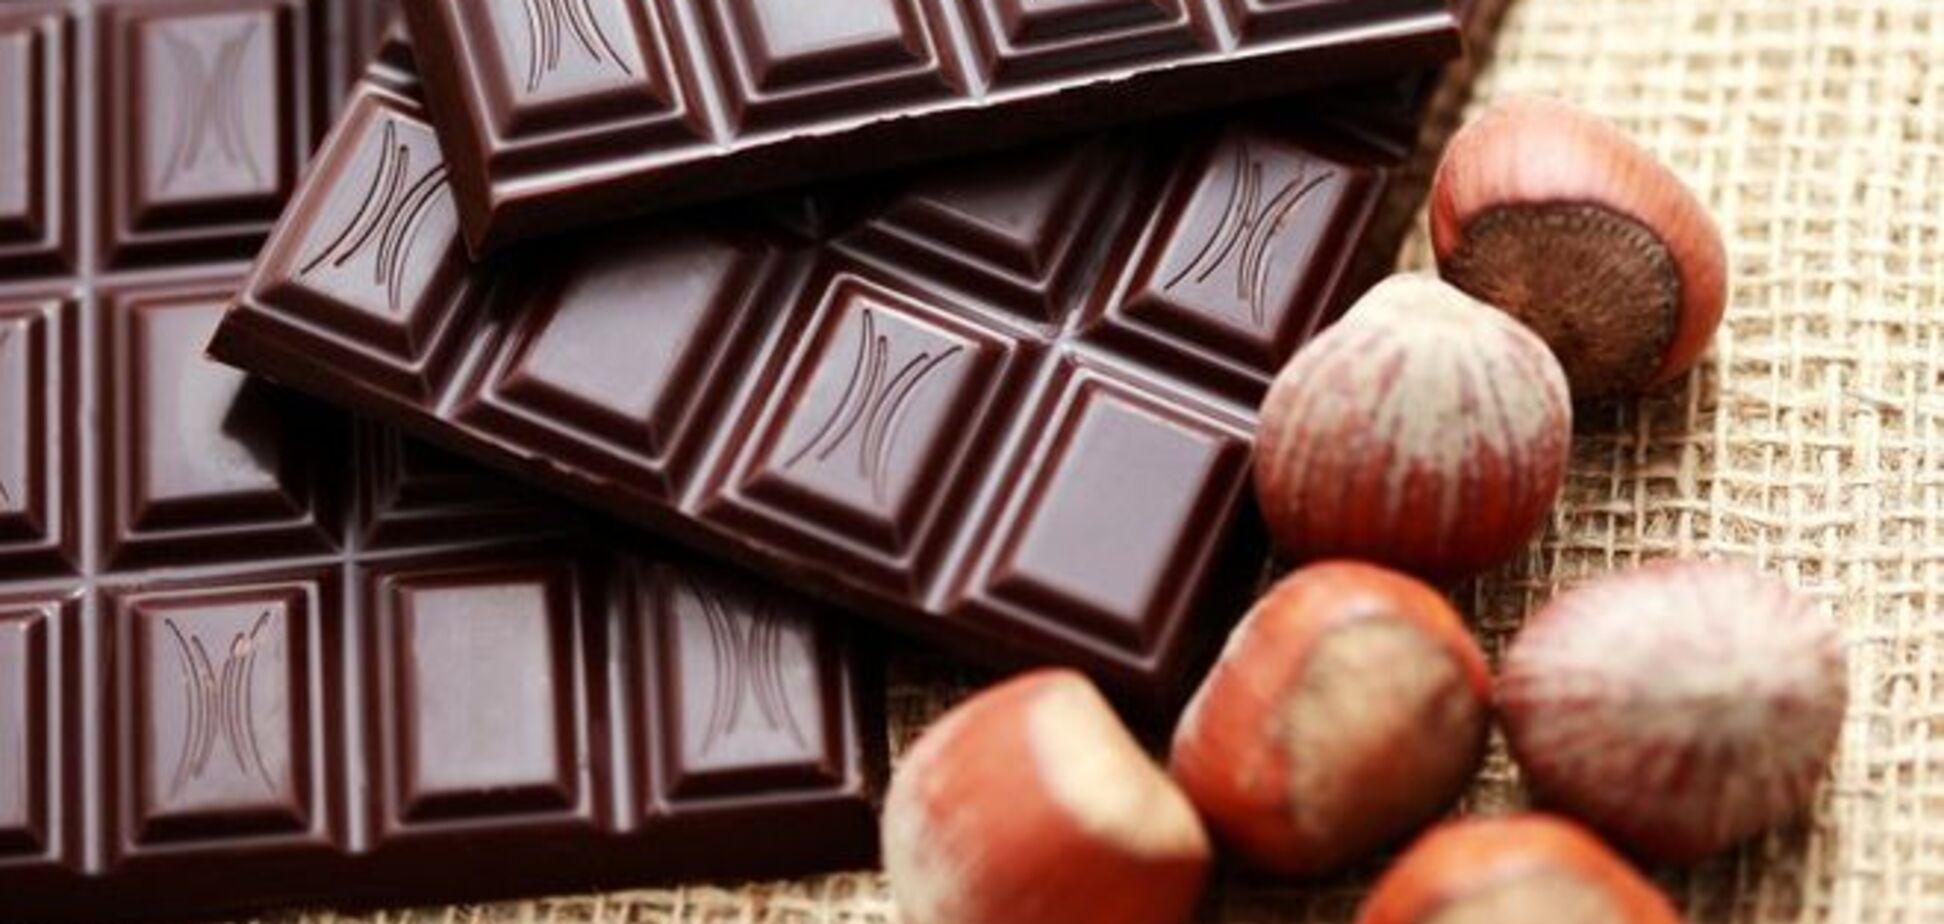 Світ відзначає День шоколаду: цілющі властивості продукту, які вас вразять